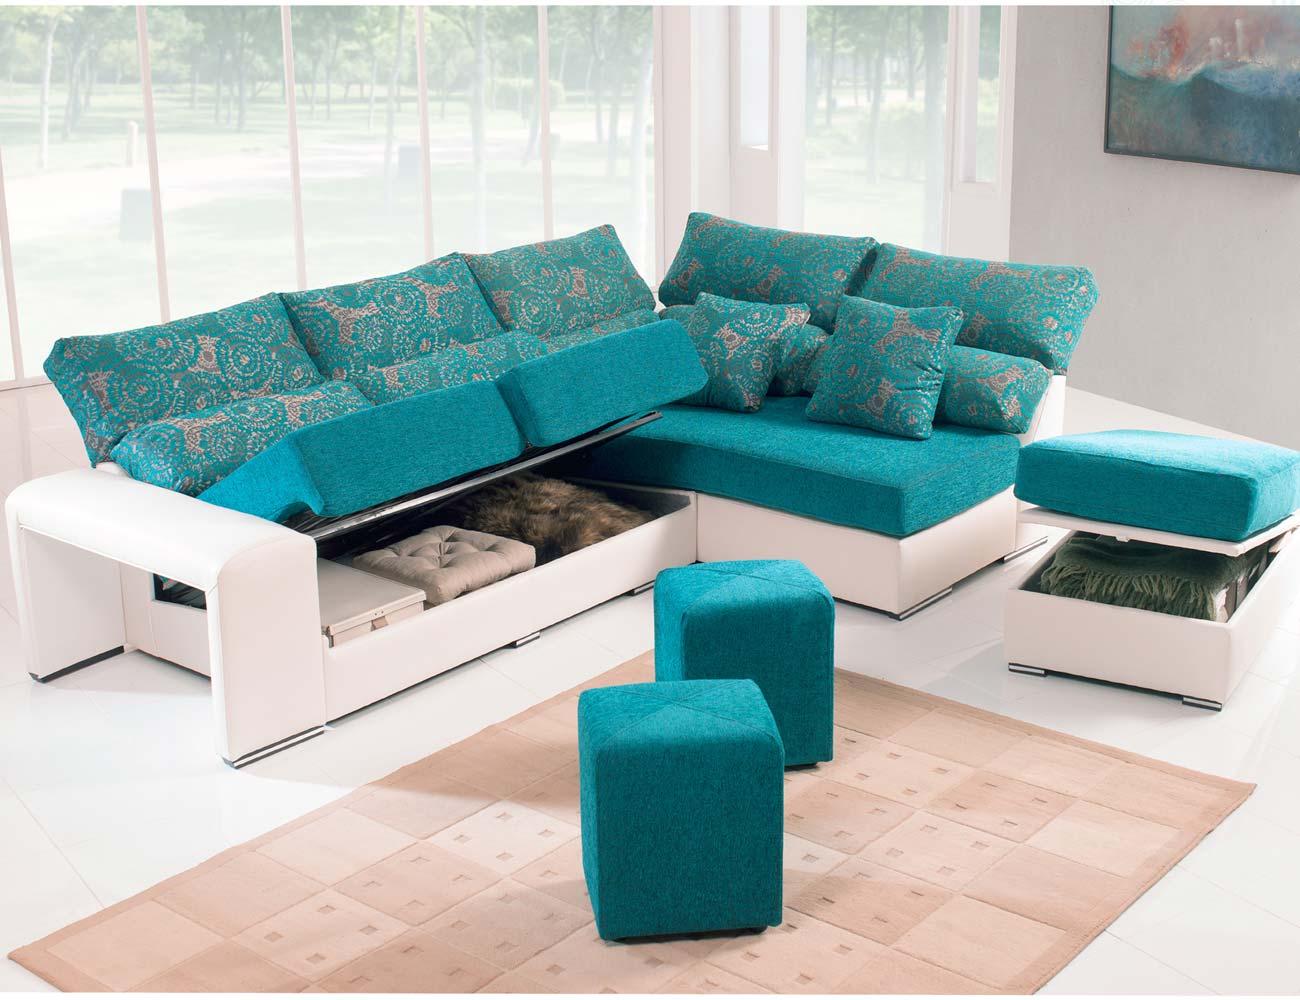 Sofa chaiselongue rincon puff arcon taburete11